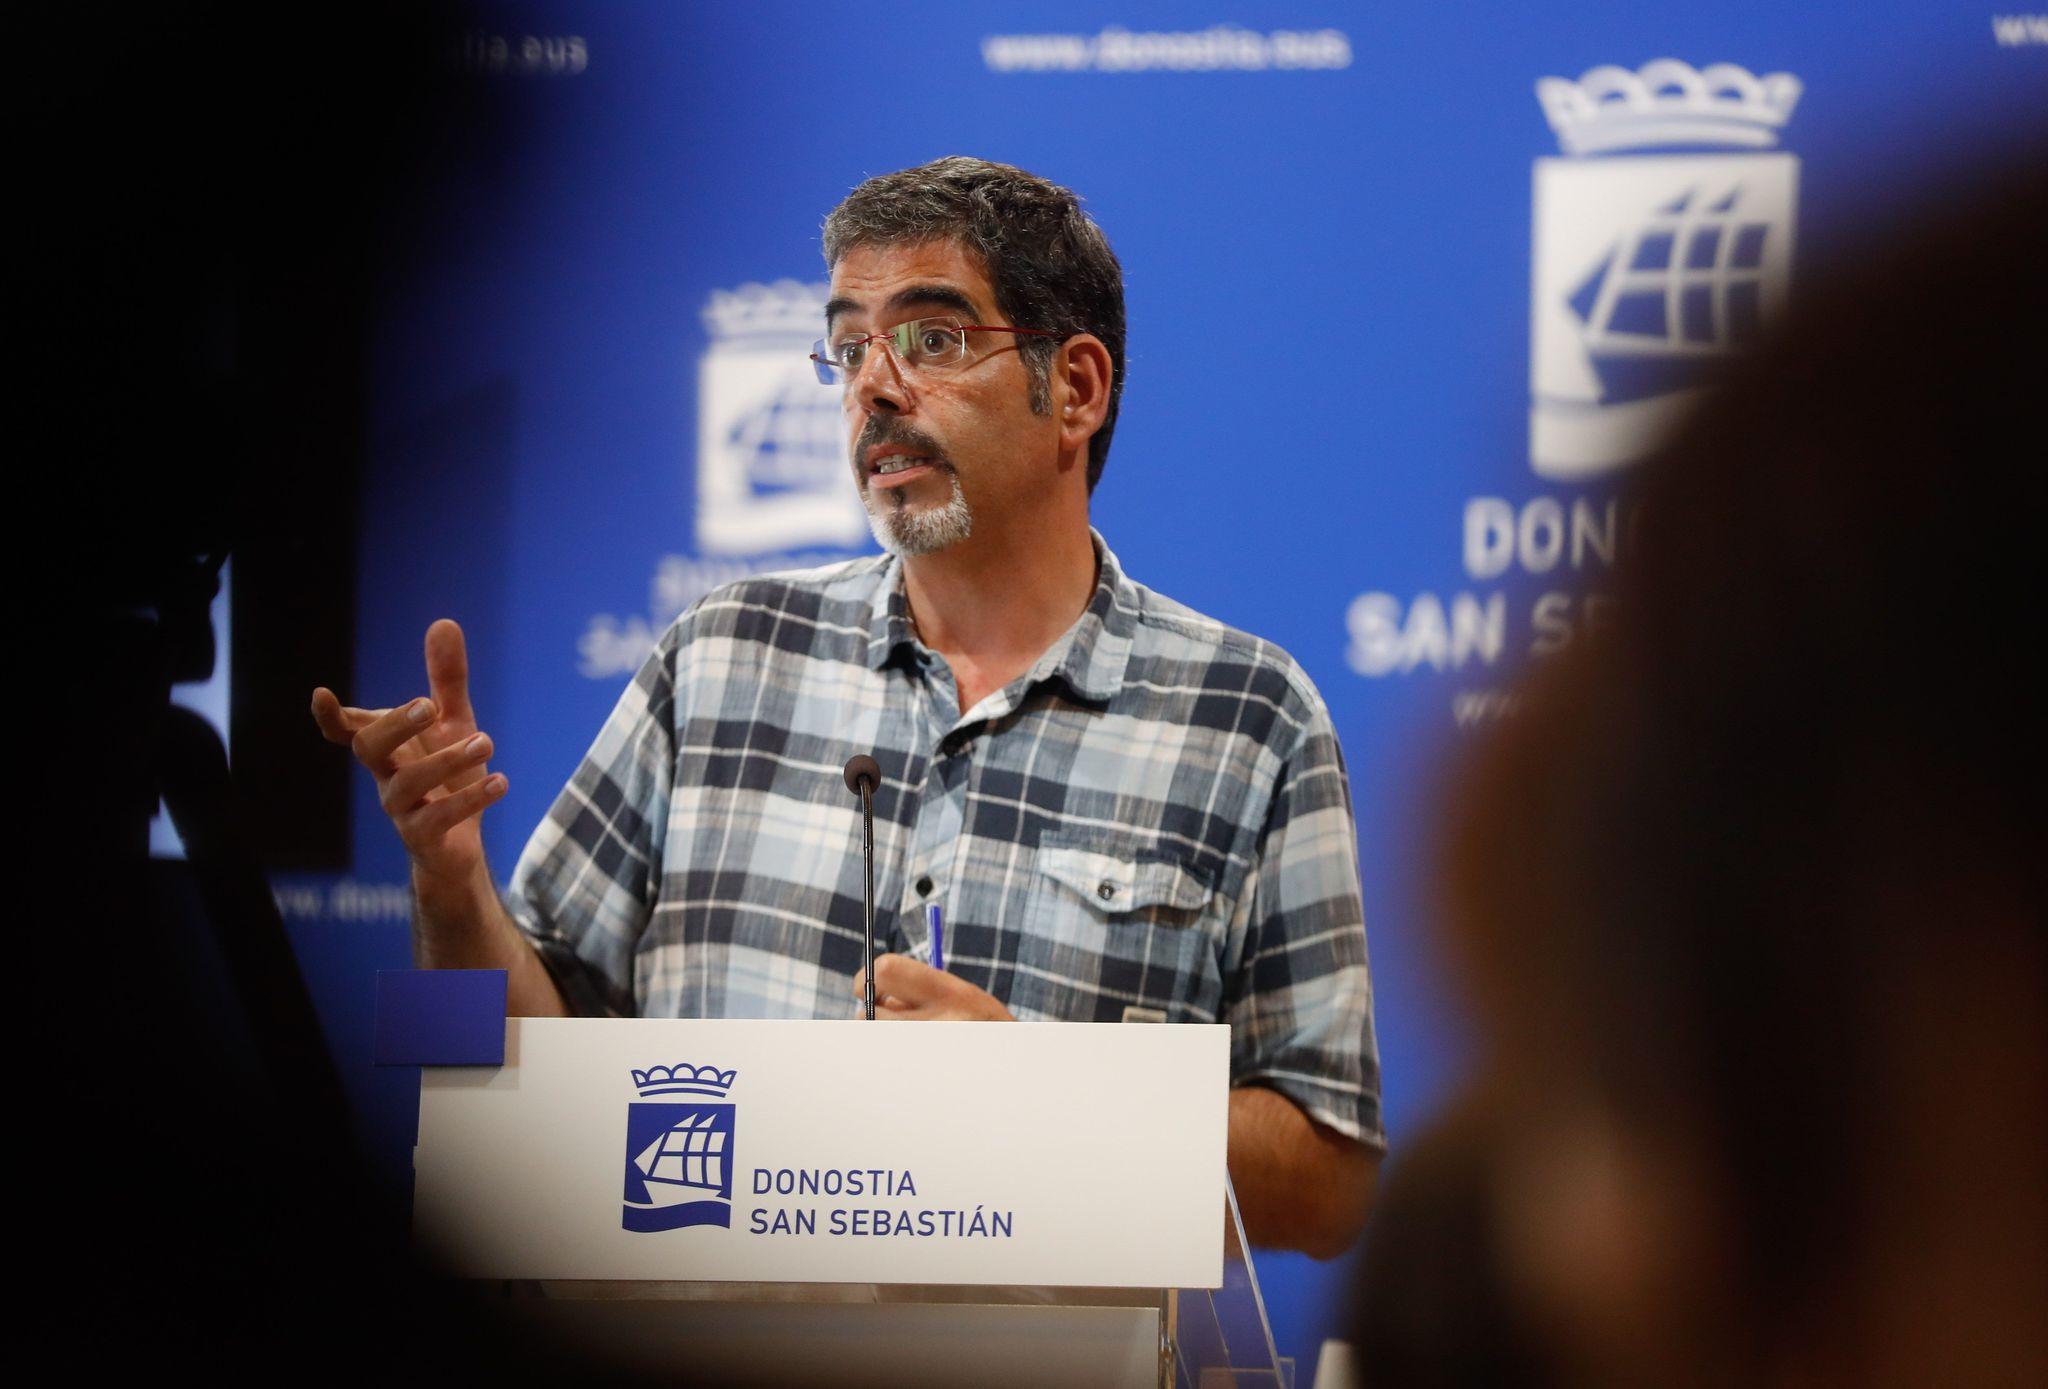 El alcalde de San Sebastián, Eneko Goia.